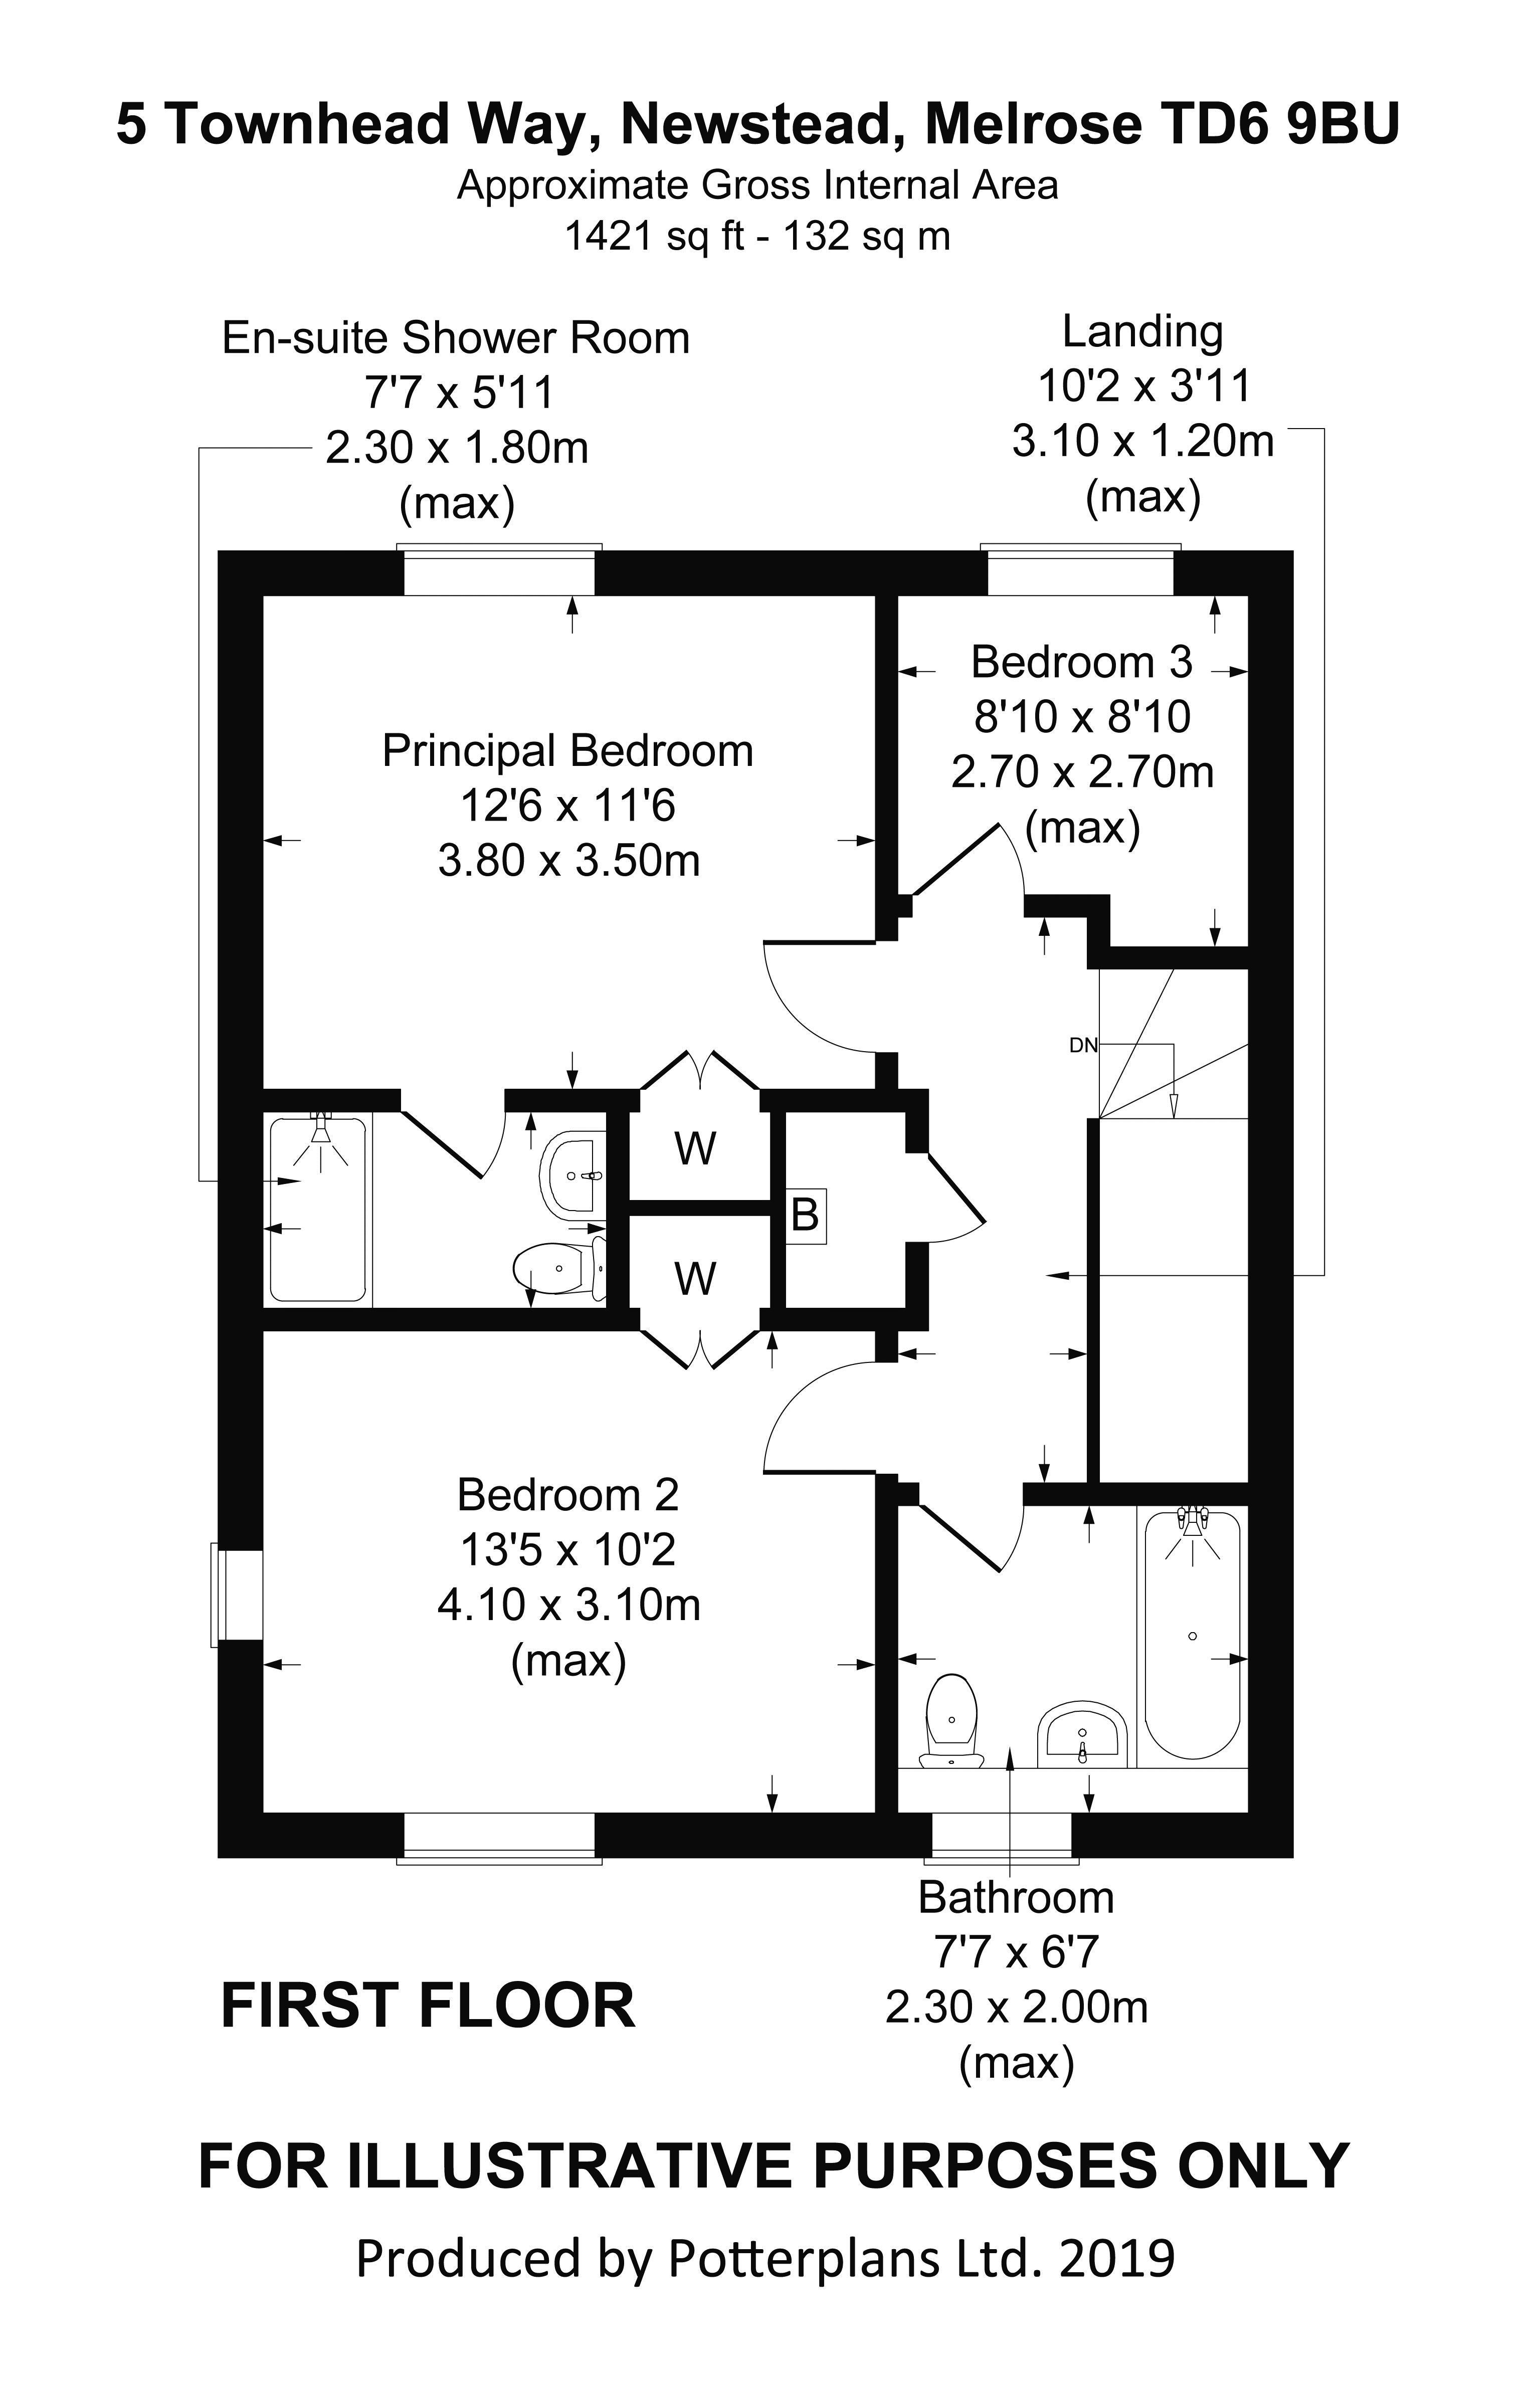 5 Townhead Way First Floor